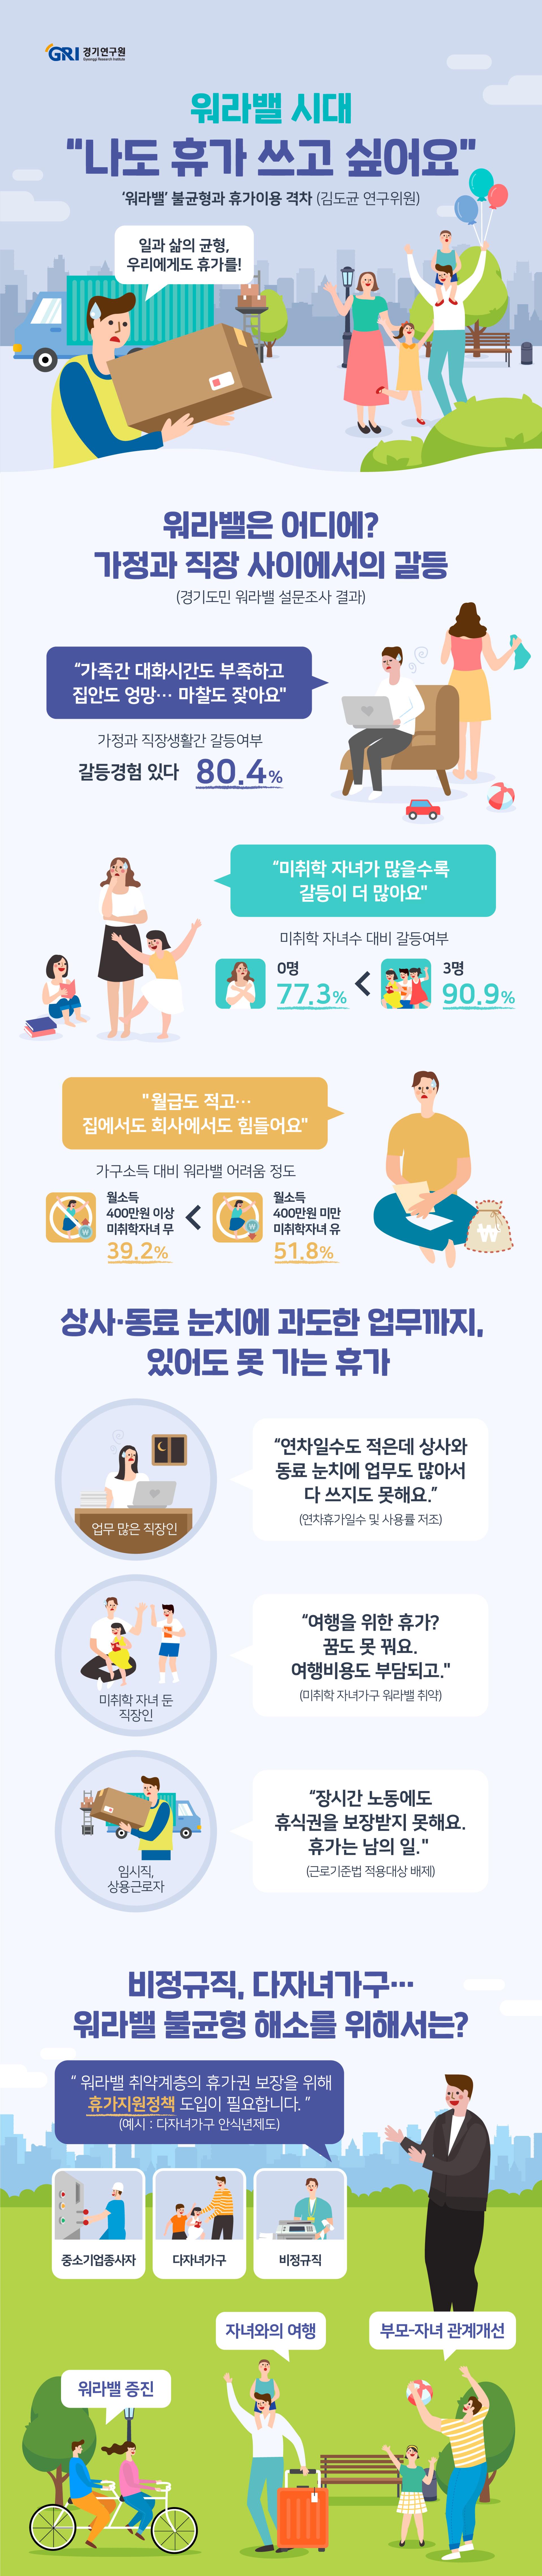 '워라밸(Work-Life Balance)'은 직장과 가정생활을 균형 있게 꾸려나가기 어려운 현실을 강조하기 위해 등장한 이후 점차 일과 삶의 균형을 강조하는 개념으로 확대되어 왔다. 하지만 워라밸에 대한 사회적 관심이 증가했음에도 불구하고 여전히 한국의 연평균 노동시간은 2,024시간으로 OECD 가입국 연평균 노동시간 1,746시간보다 278시간이 더 많다. 장시간 노동의 주된 요인 중의 하나는 낮은 연차휴가 이용률이다. 우리나라 근로자들의 평균 연차휴가 사용일수는 8일로 서구 국가들뿐만 아니라 일본, 싱가폴, 태국 등 여타 아시아 국가들보다 낮은 편이다. 고용형태나 가구형태에 따라 워라밸에 대한 편차가 존재하는 것도 문제다. 중소기업 노동자나 비정규직, 특수형태근로종사자의 경우 휴가·휴식권 보장이 취약하며, 다자녀가구의 경우도 일과 가정생활의 균형을 유지하는데 어려움을 겪고 있다.    경기도에 거주하는 30대, 40대 기혼 근로자 1,000명을 대상으로 설문조사를 실시한 결과 소득수준이 낮으면서 미취학자녀가 있는 경우 가정과 직장생활의 균형을 유지하는데 더 큰 어려움을 겪는 것으로 나타났다. 미취학 자녀가 있으면서 소득수준이 400만원 미만인 경우 워라밸에 어려움을 느낀다고 응답한 비중이 51.8%로 가장 높게 나타났다. 휴가를 사용하지 못하는 이유는 '상사 및 동료의 눈치' 25.2%, '지나치게 많은 업무' 22.7%, '여행비용이 부담되어서' 13.7% 순으로 나타났다. 미취학자녀가 있는 경우 여행경비에 대한 부담을 상대적으로 크게 느끼고 있었다. 또한 소득수준에 따라 여행경비 격차가 매우 크며, 소득수준이 낮을수록 여행비용에 대한 부담을 크게 느끼는 것으로 나타났다.    고용·가구형태에 따라 워라밸 불균형 정도가 다르기 때문에 고용형태와 가구형태를 고려한 휴가지원 정책이 요구된다. 고용형태별로는 중소기업 종사자나 비정규직, 특수형태근로종사자에 대한 지원이 요구되며, 가구형태별로는 다자녀가구에 대한 지원 정책이 요구된다. 경기도는 워라밸 취약계층의 휴가권 보장을 위해 경기도형 휴가지원정책을 마련할 필요가 있다. 중앙정부가 추진하는 '근로자 휴가지원사업'과의 중복성을 고려하여 중소기업 혹은 비정규직 다자녀가구를 대상으로 휴가지원 사업을 설계할 필요가 있다. 장기적으로는 부모와 자녀가 함께 보내는 시간을 제도적으로 보장하는 차원에서 '다자녀가구 안식년 제도' 같은 워라밸 지원정책을 검토해 볼 수 있을 것이다.